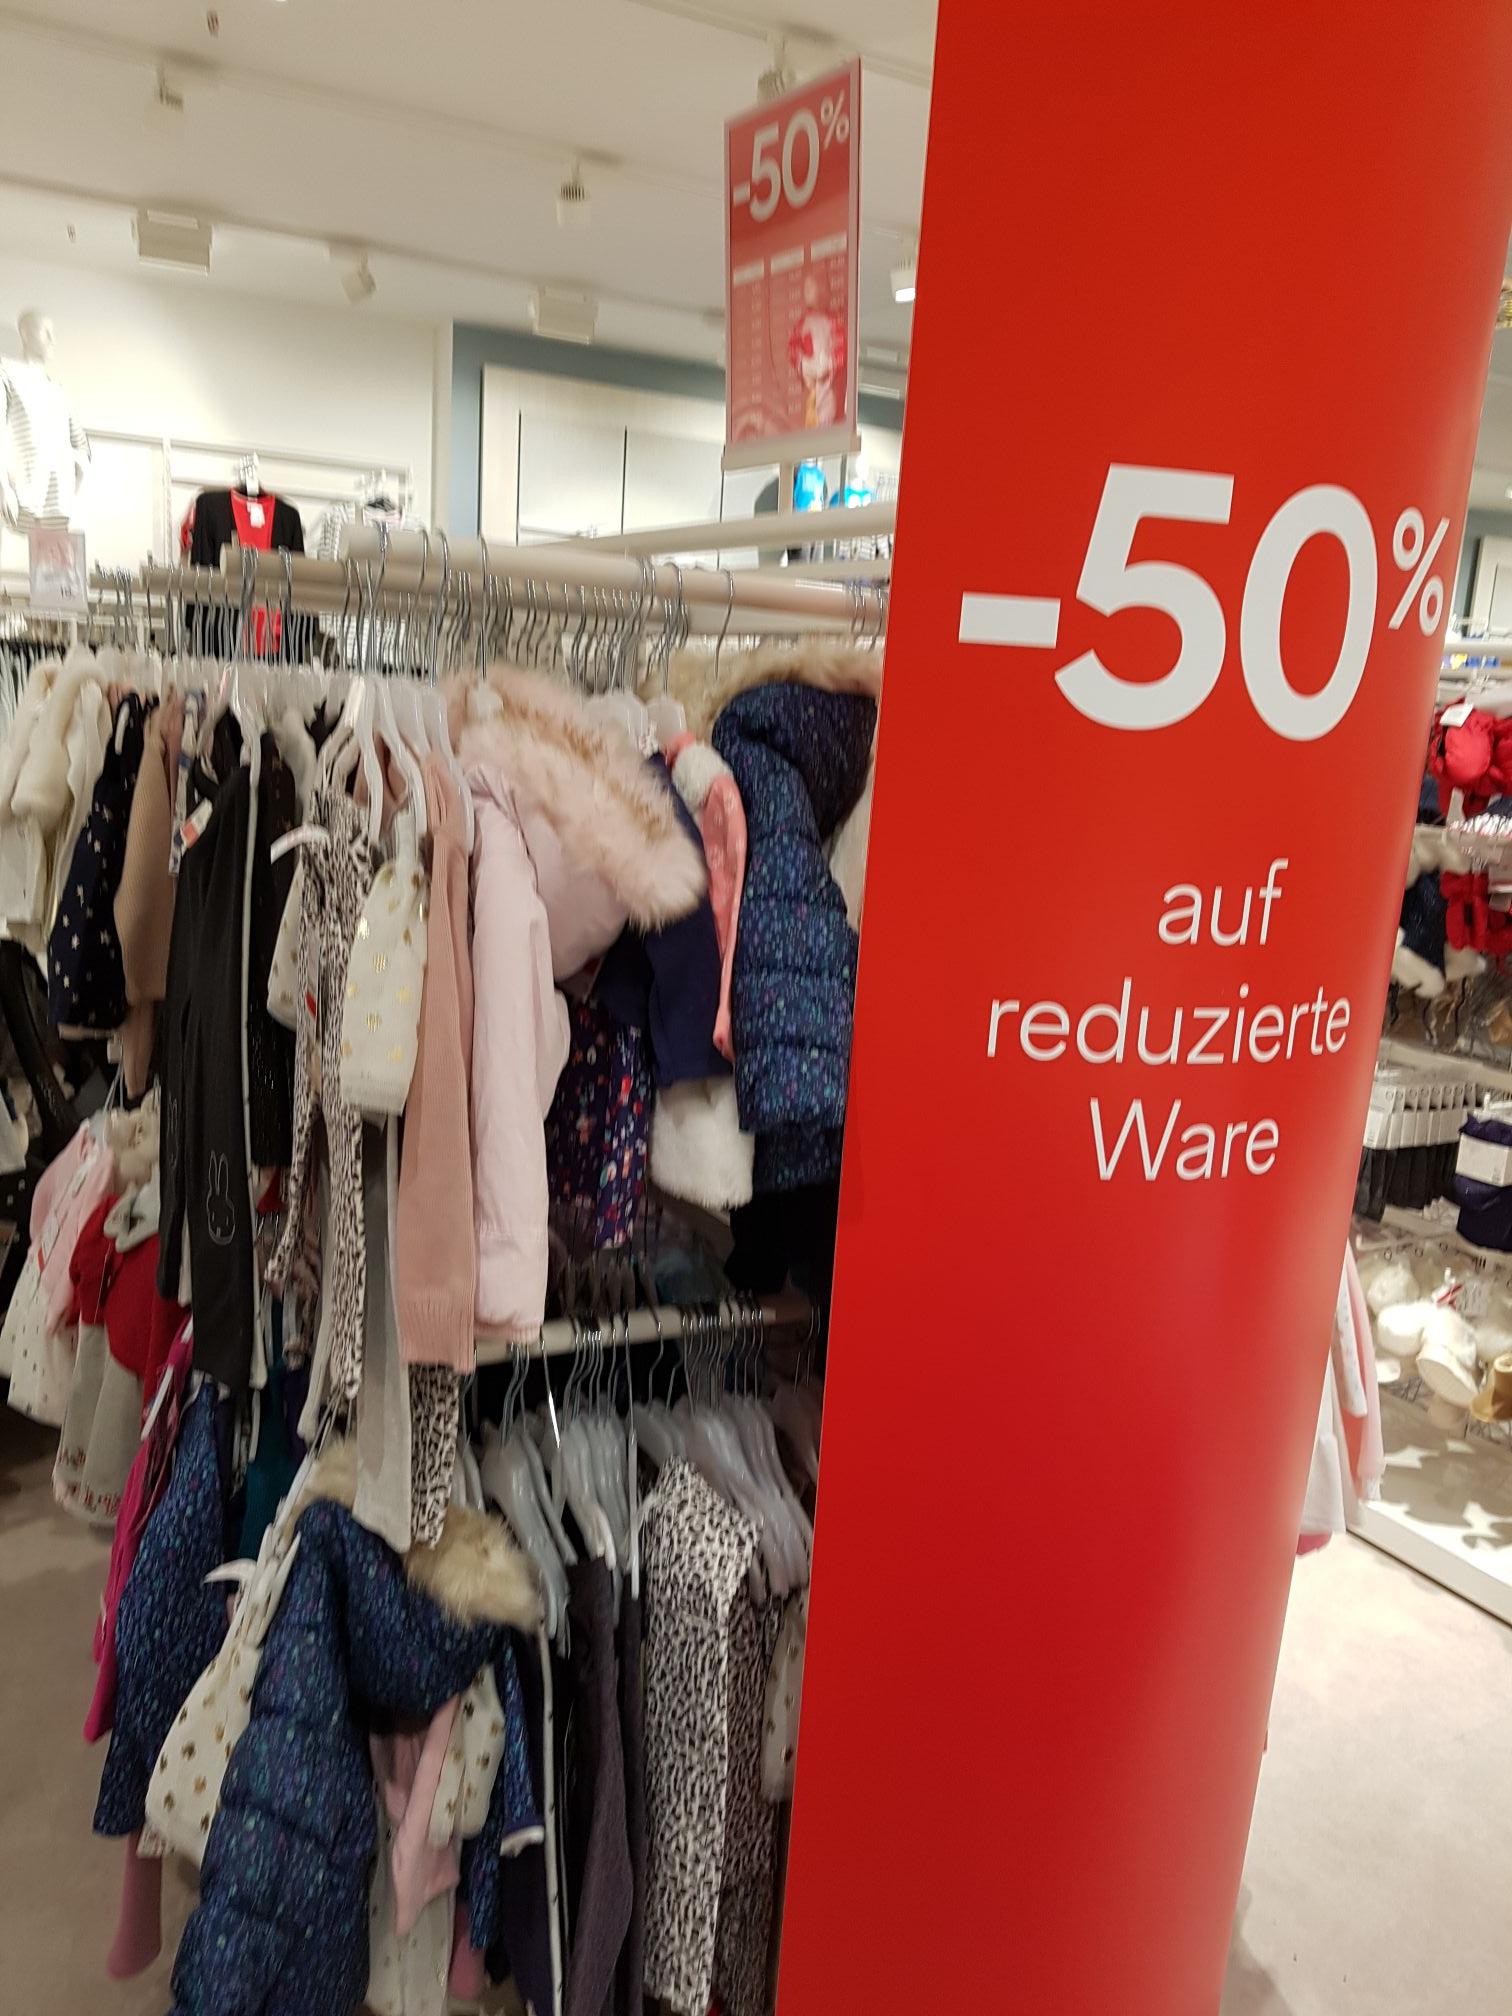 C&A Bundesweit -  50% auf reduzierte Ware (nur vor Ort)